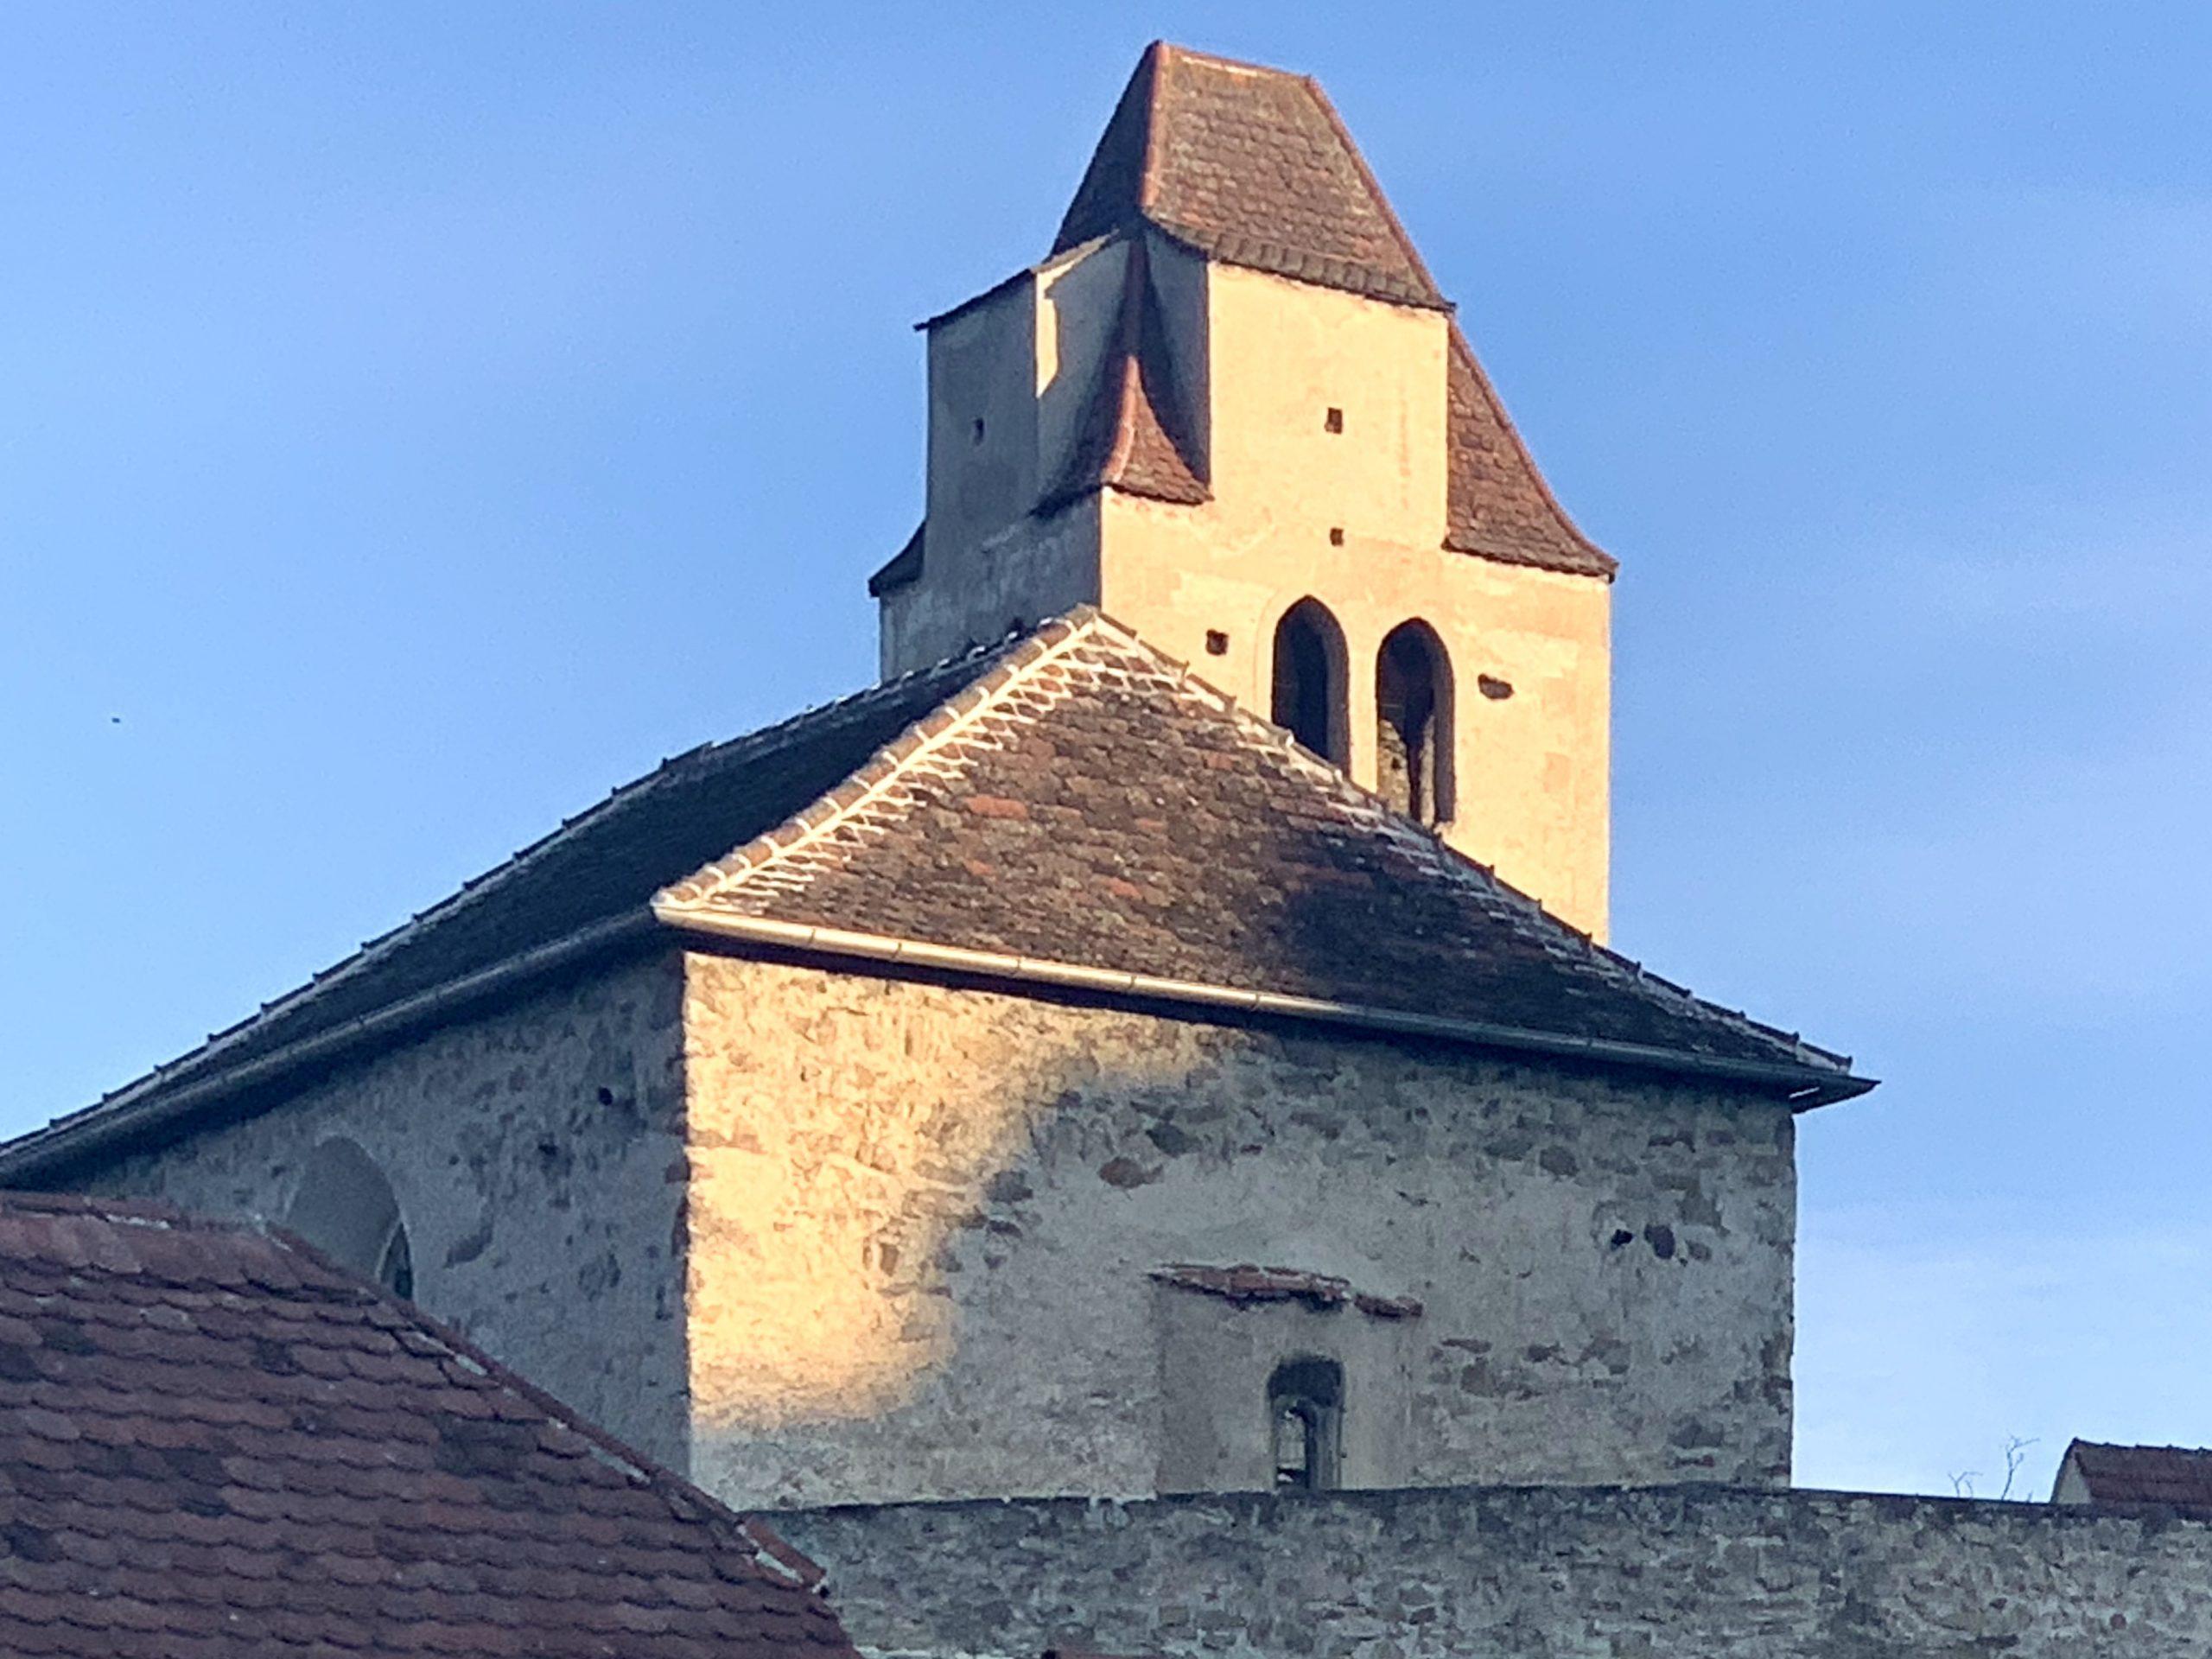 kunigundenkirche in dürnstein